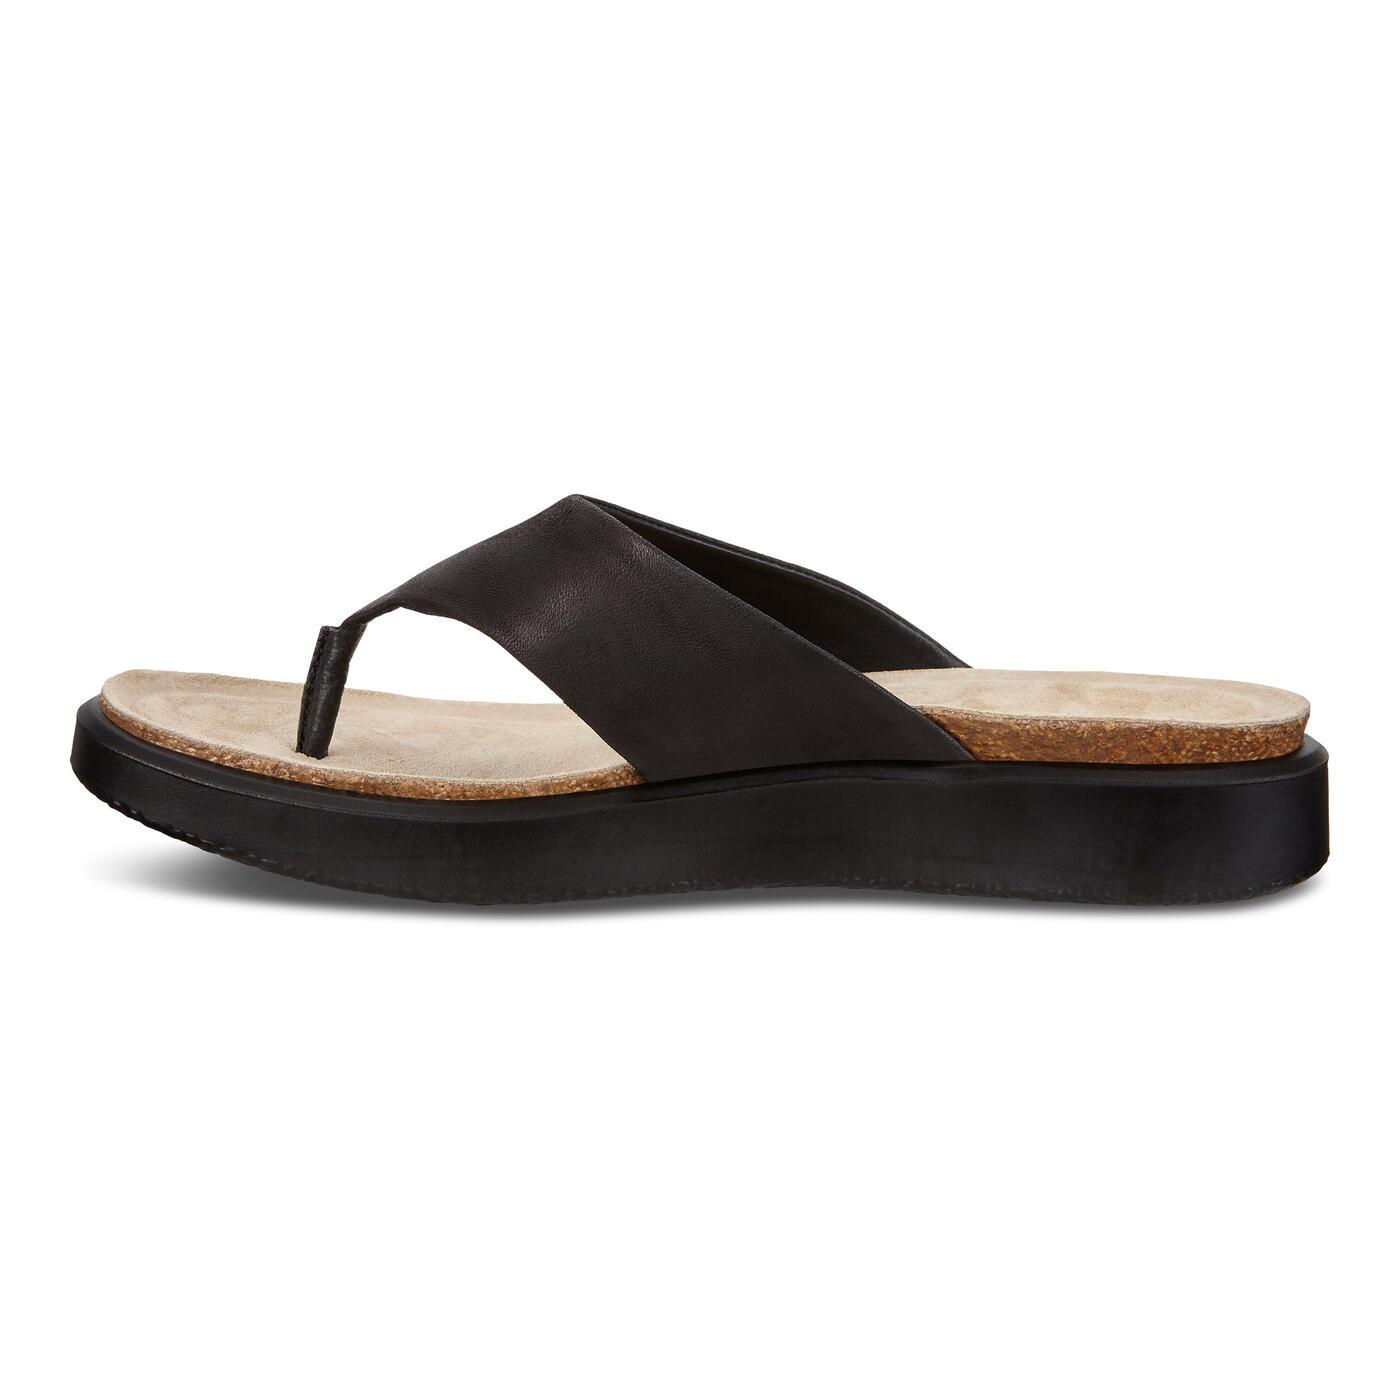 Sandale thong ECCO CORKSPHERE pour femmes